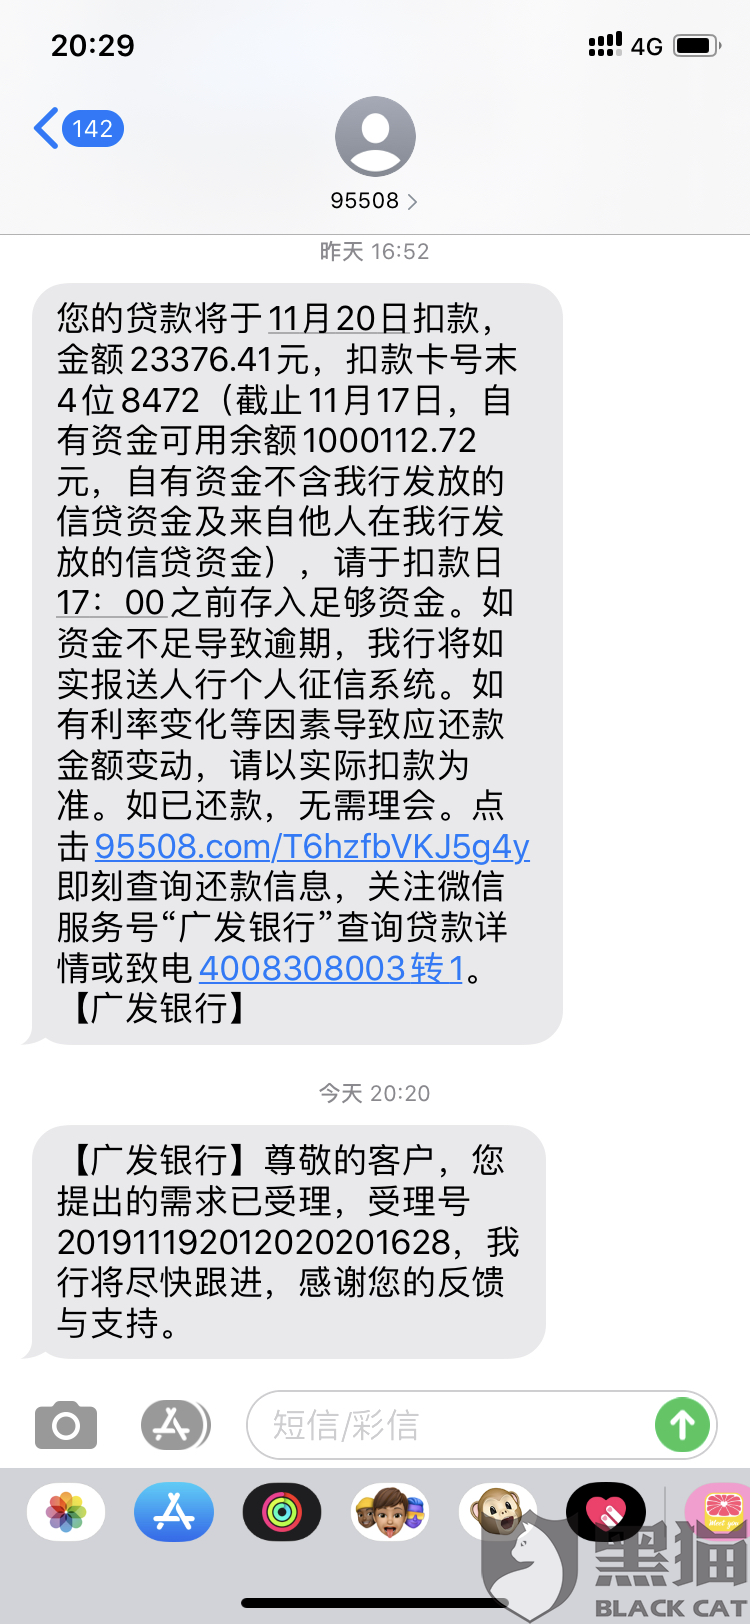 黑猫投诉:投诉广发银行深圳分行,彩德支行店大欺客